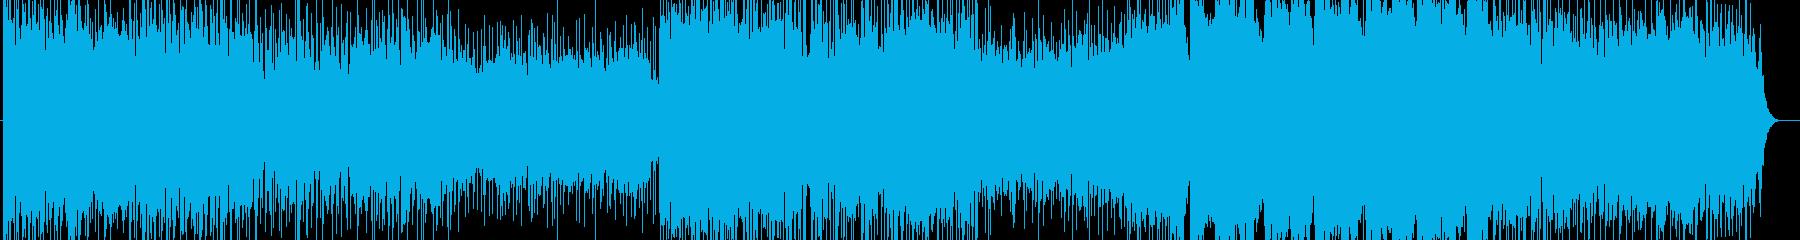 Modern Matryoshkaの再生済みの波形